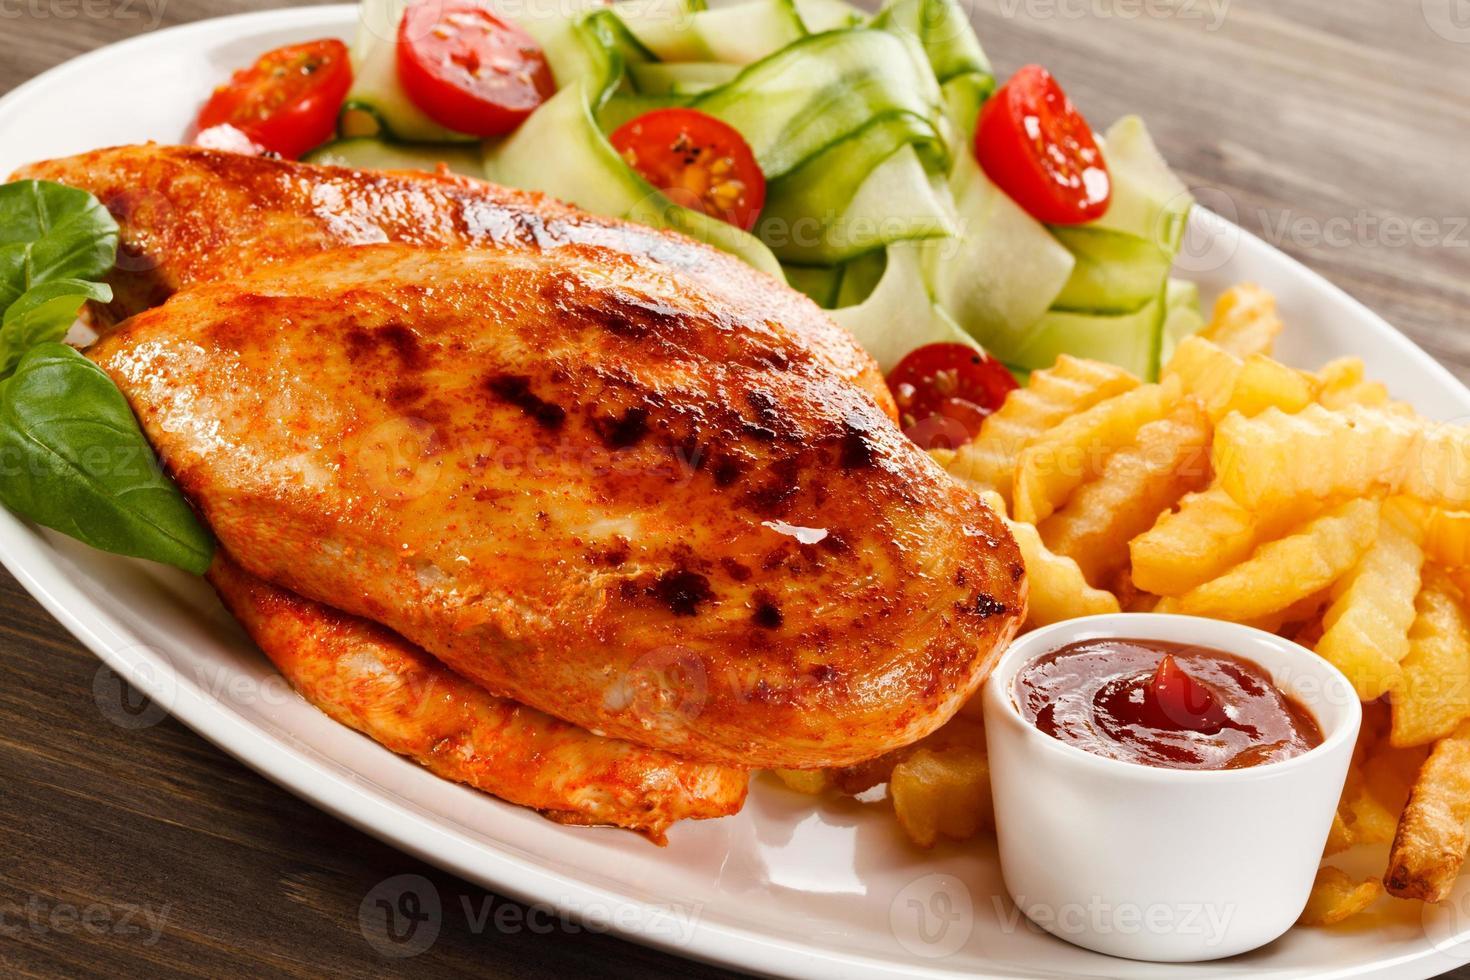 filets de poulet au barbecue, frites et légumes sur fond blanc photo